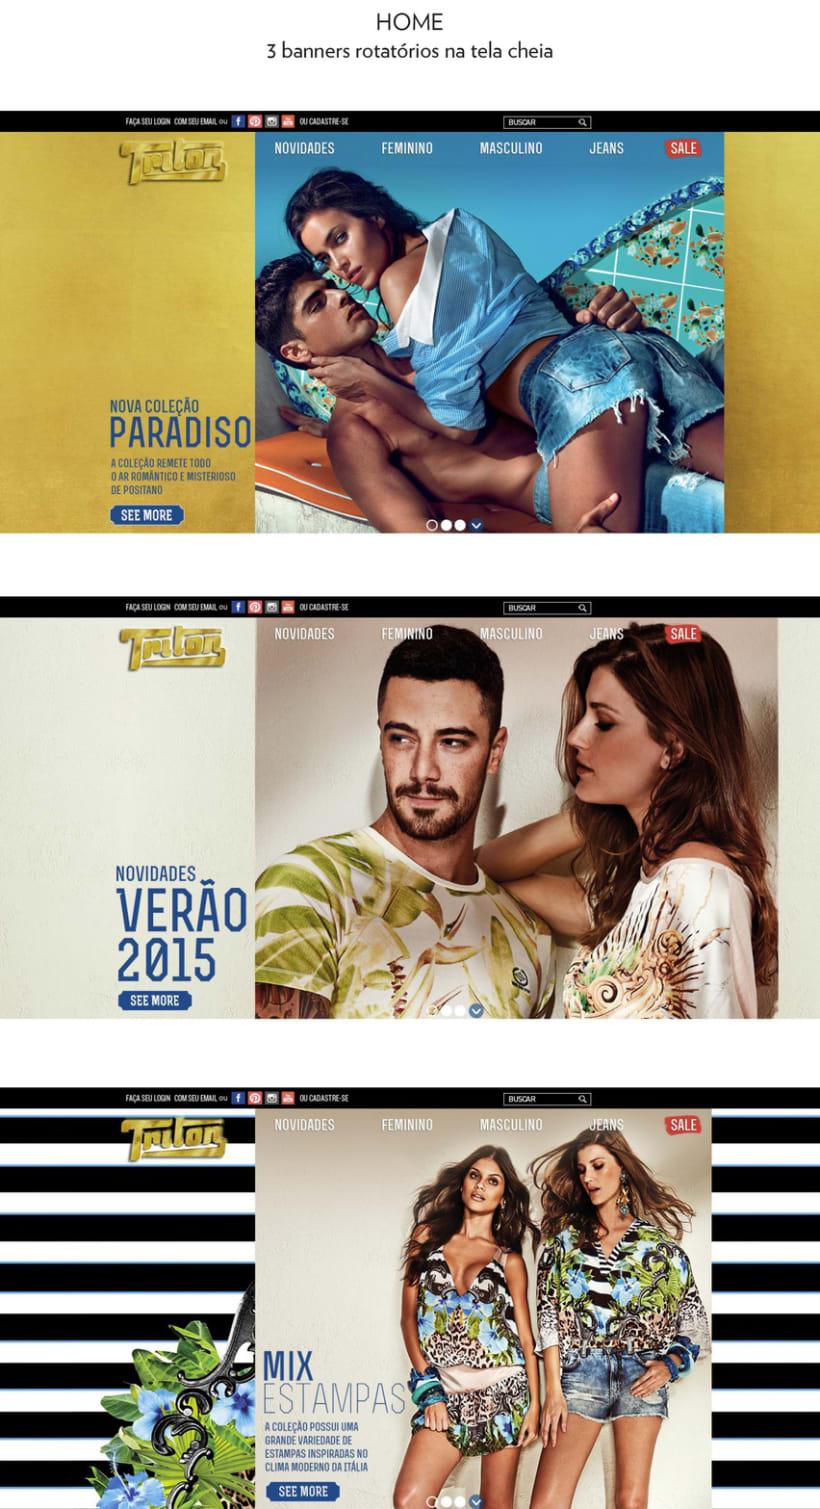 Web Triton Brasil - Tienda online 2015 -1